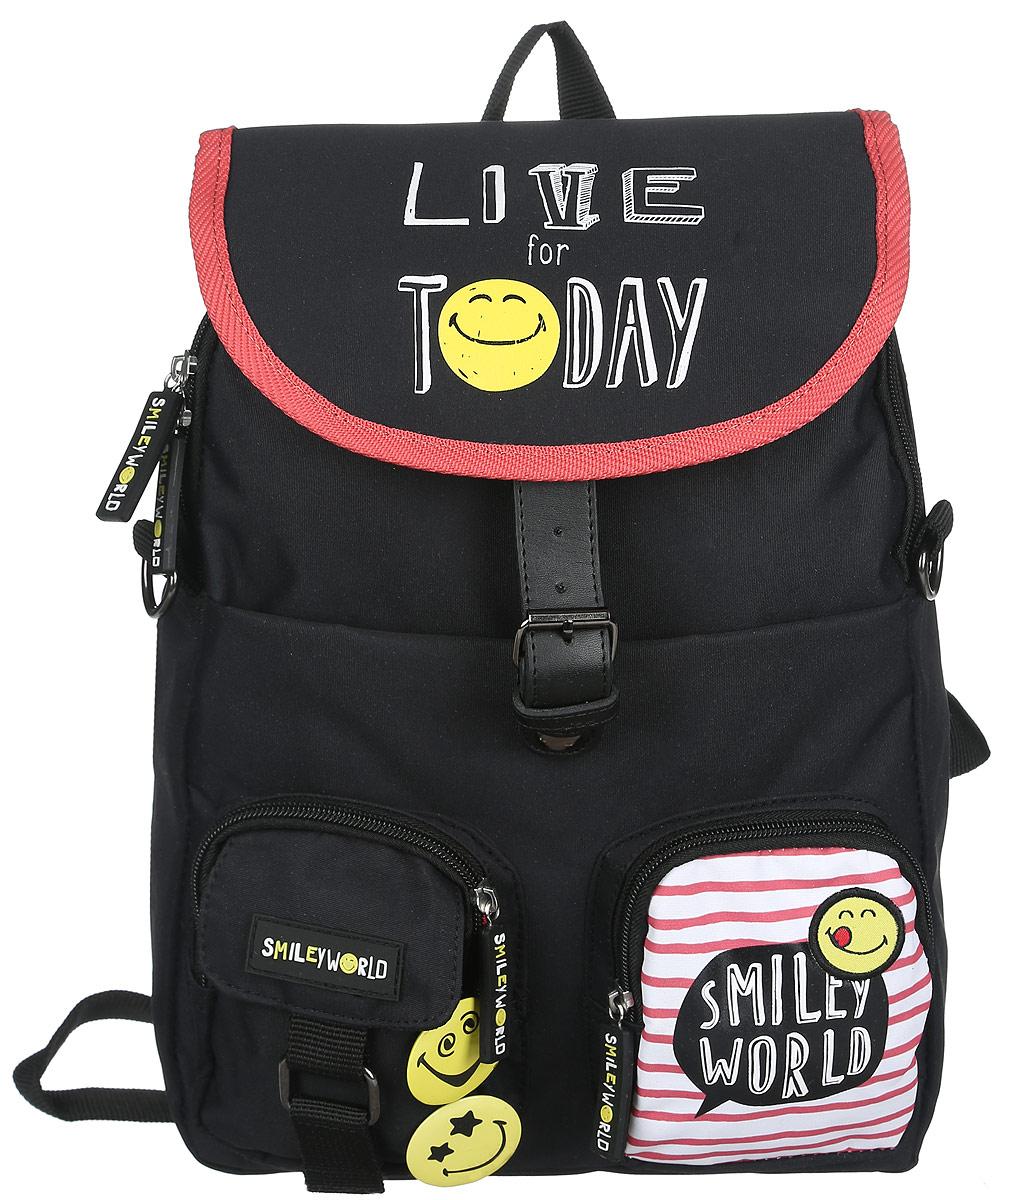 Proff Рюкзак детский Live for TodaySG16-BP-15-01Детский рюкзак Proff Live for Today - это красивый и удобный рюкзак, который подойдет всем, кто хочет разнообразить свои школьные будни. Внешние поверхности рюкзака, подкладка выполнены из полиэстера, уплотнители - из поролона, элементы отделки - из пластика, металла, ПВХ. На лицевой стороне рюкзак декорирован двумя значками в виде смайликов. Рюкзак имеет одно основное отделение, закрывающееся на молнию, а сверху клапаном на магнитную защелку. Внутри отделения нет карманов. На лицевой стороне расположены три кармана, два из которых на молниях, один на застежке-липучке. Под клапаном на лицевой стороне находится вместительный карман на молнии, внутри которого располагаются четыре кармашка под мобильный телефон и канцелярские принадлежности, лента с карабином для ключей. Рюкзак оснащен текстильной ручкой для переноски в руке и подвешивания. Лямки рюкзака можно регулировать по длине. Многофункциональный детский рюкзак станет незаменимым спутником вашего ребенка.